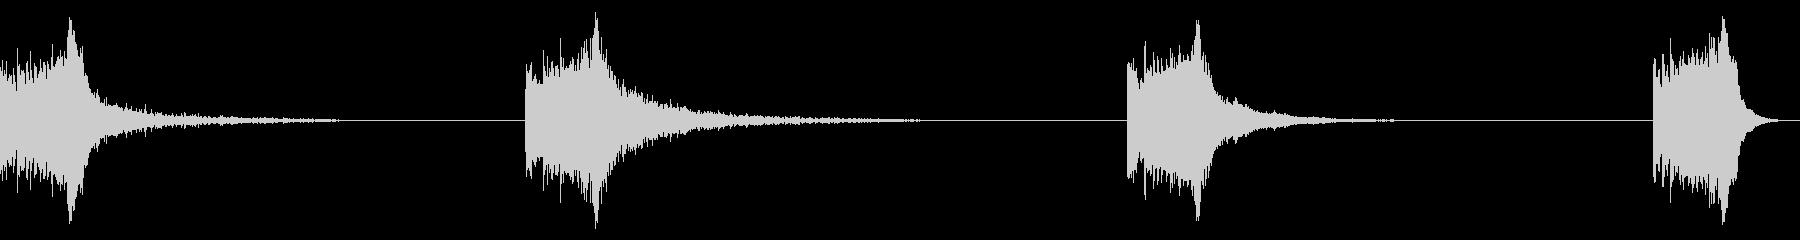 MEGA SCALE CLIMB、...の未再生の波形